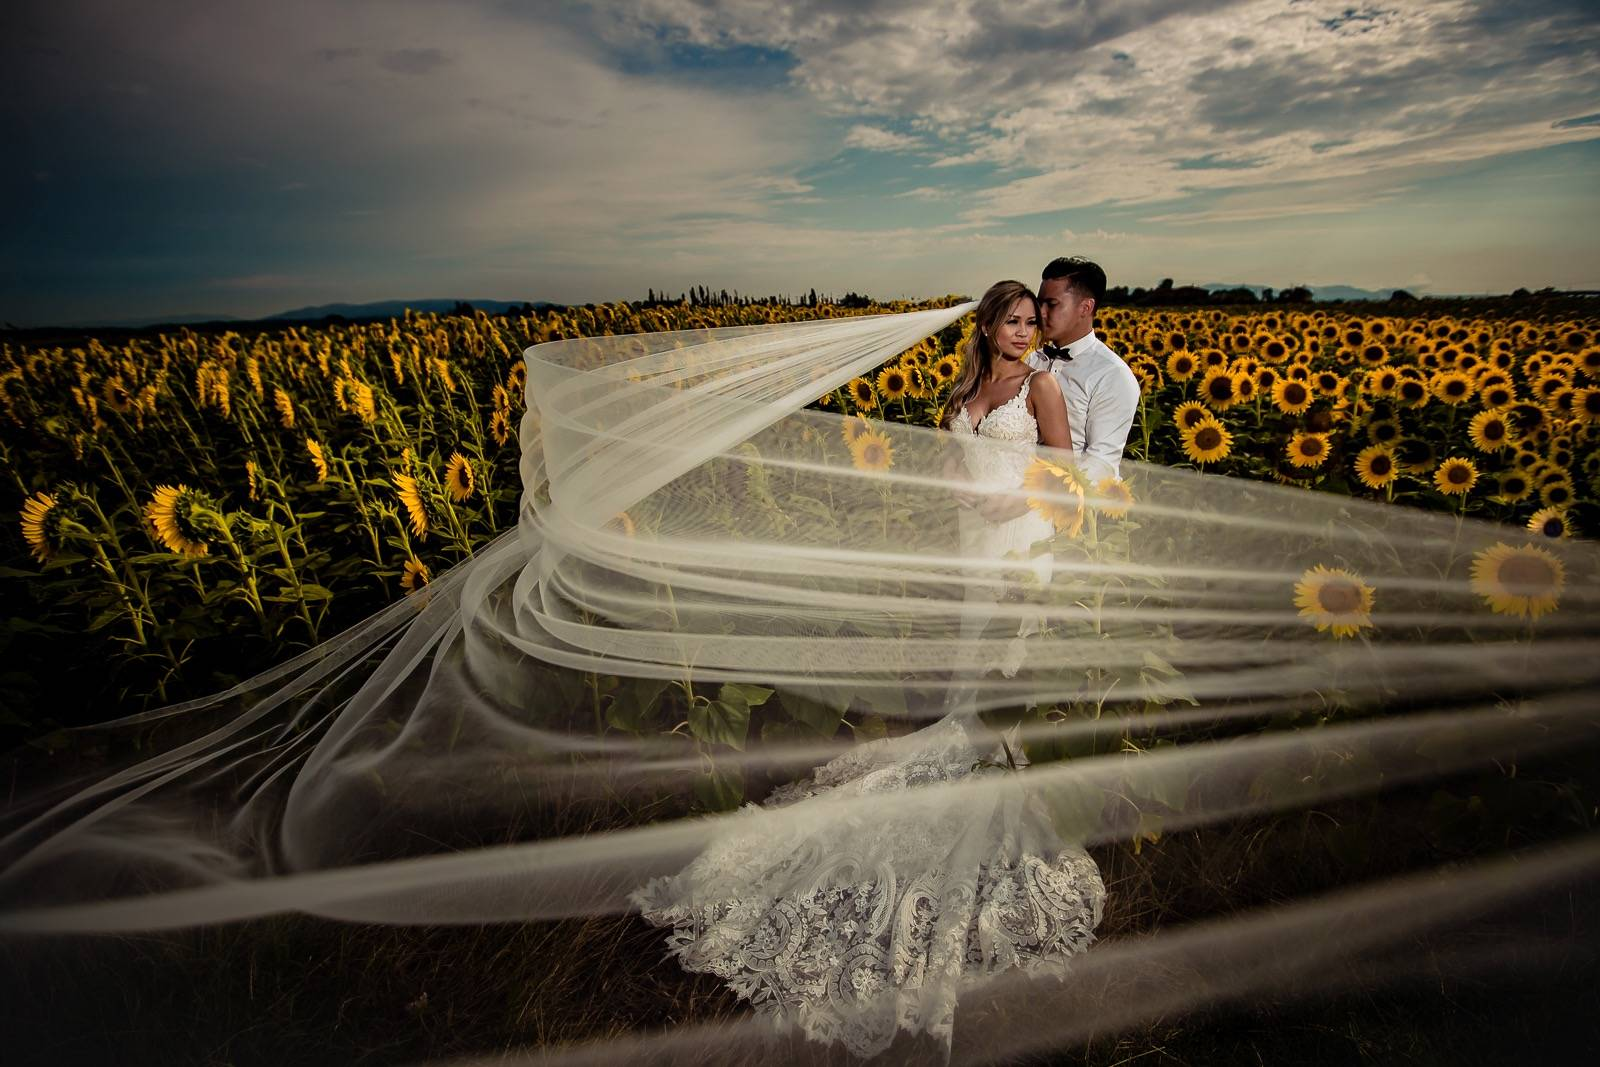 Eppel Fotografie - Trouwfotograaf - Huwelijksfotograaf - House of Weddings - 15